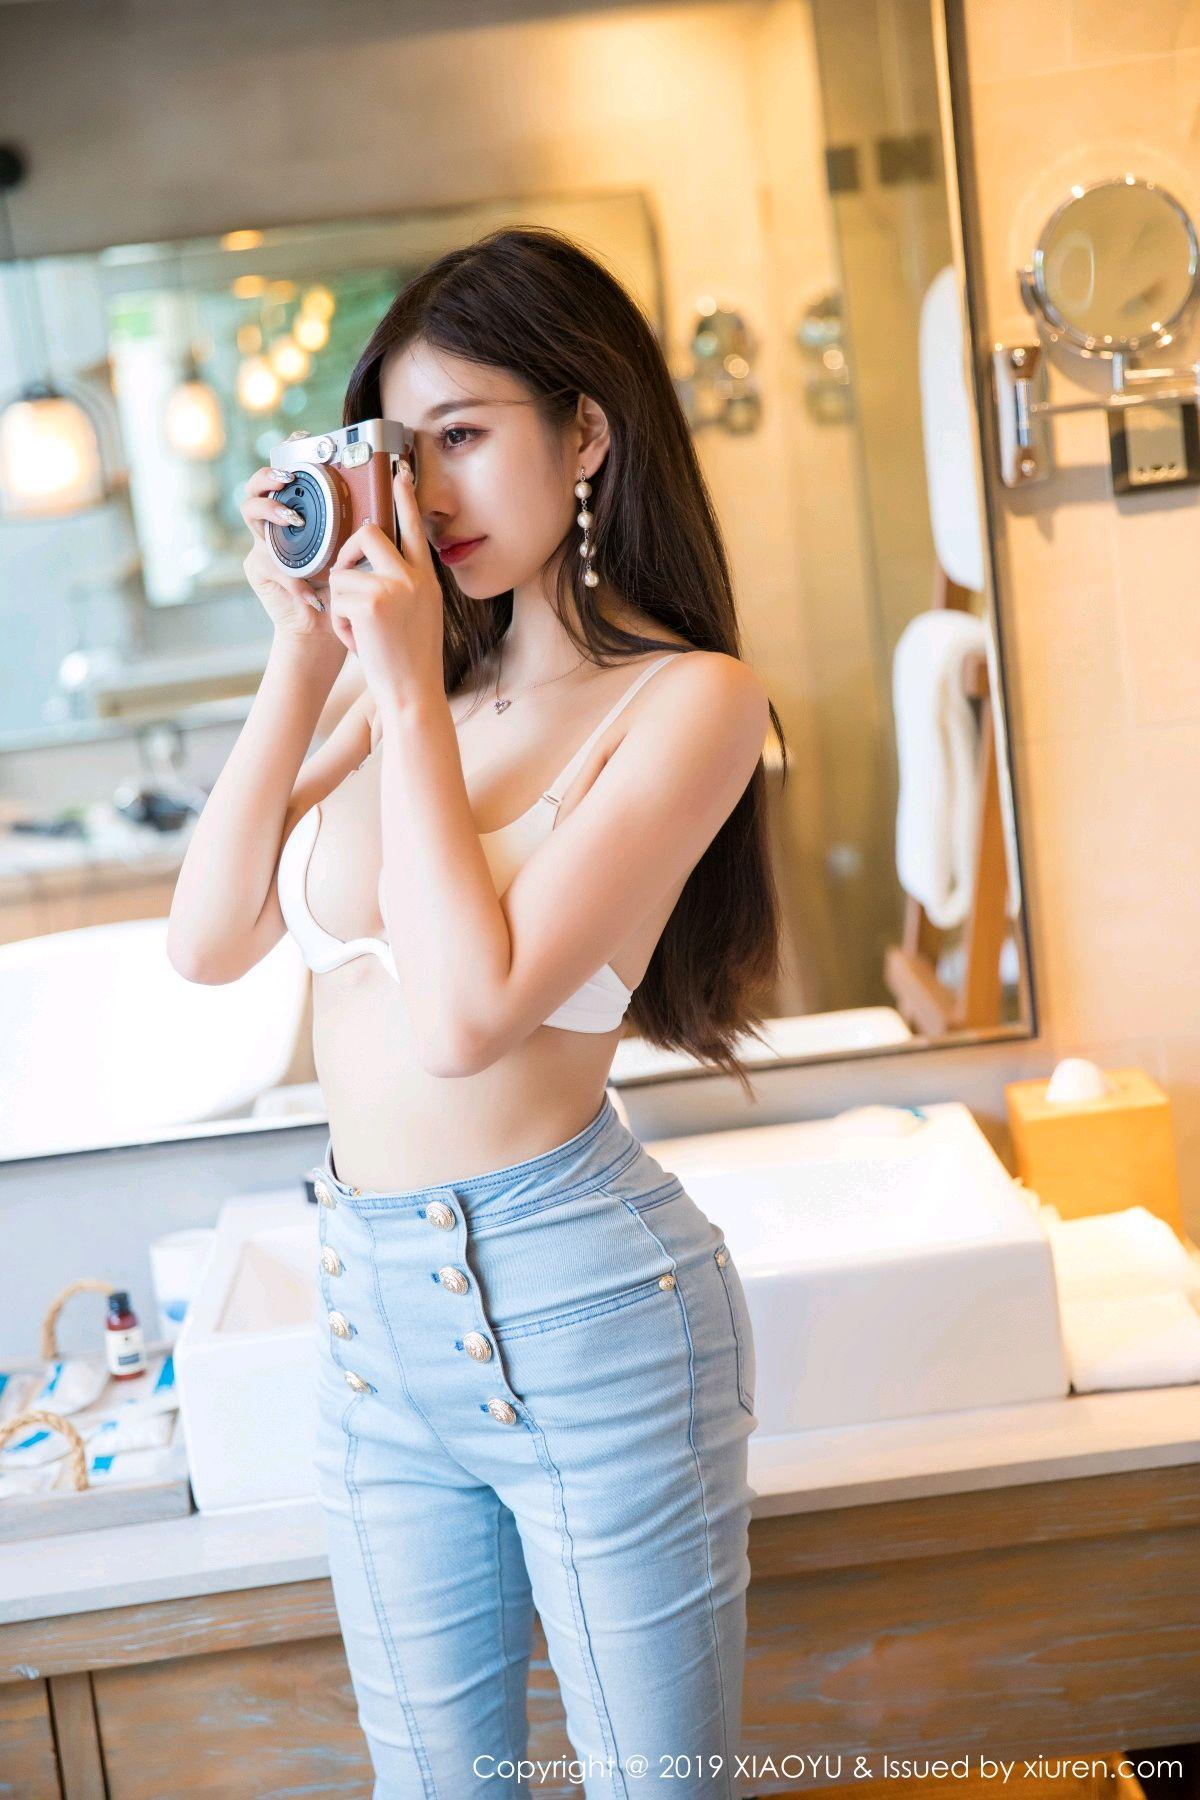 [XiaoYu] Vol.084 Yang Chen Chen 15P, Underwear, XiaoYu, Yang Chen Chen